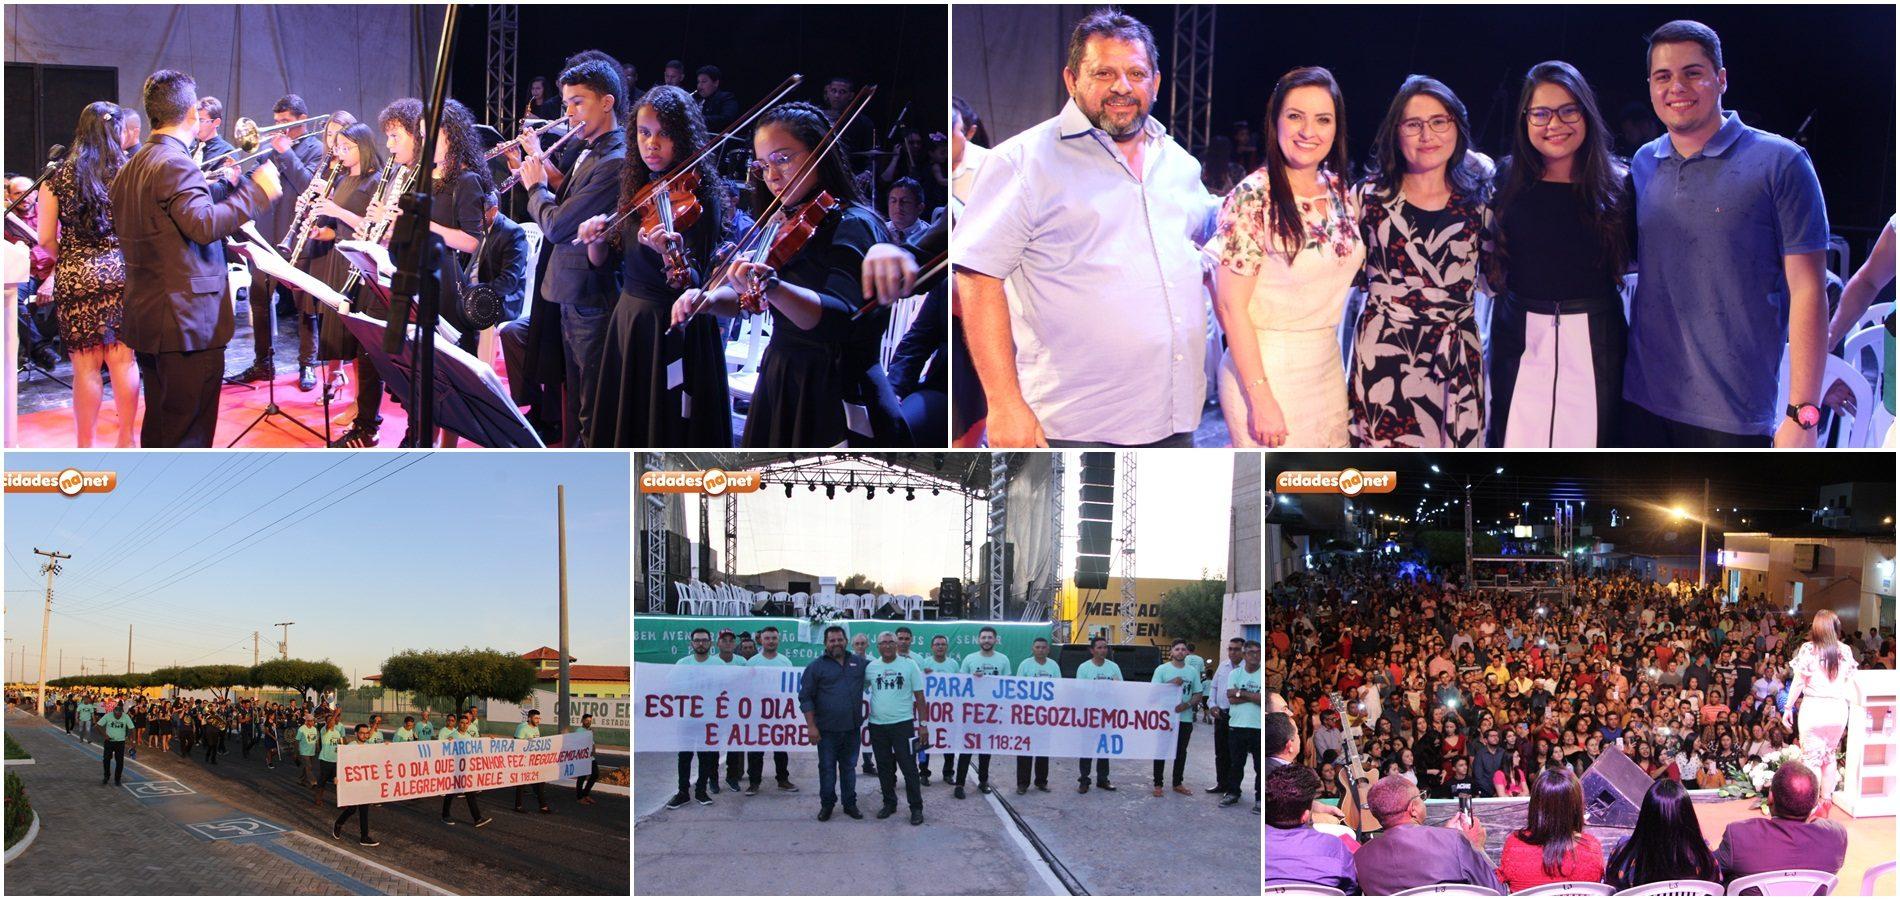 Marcha para Jesus, culto evangelístico, show e torneio de futsal marcam 4º dia do aniversário de Belém do Piauí